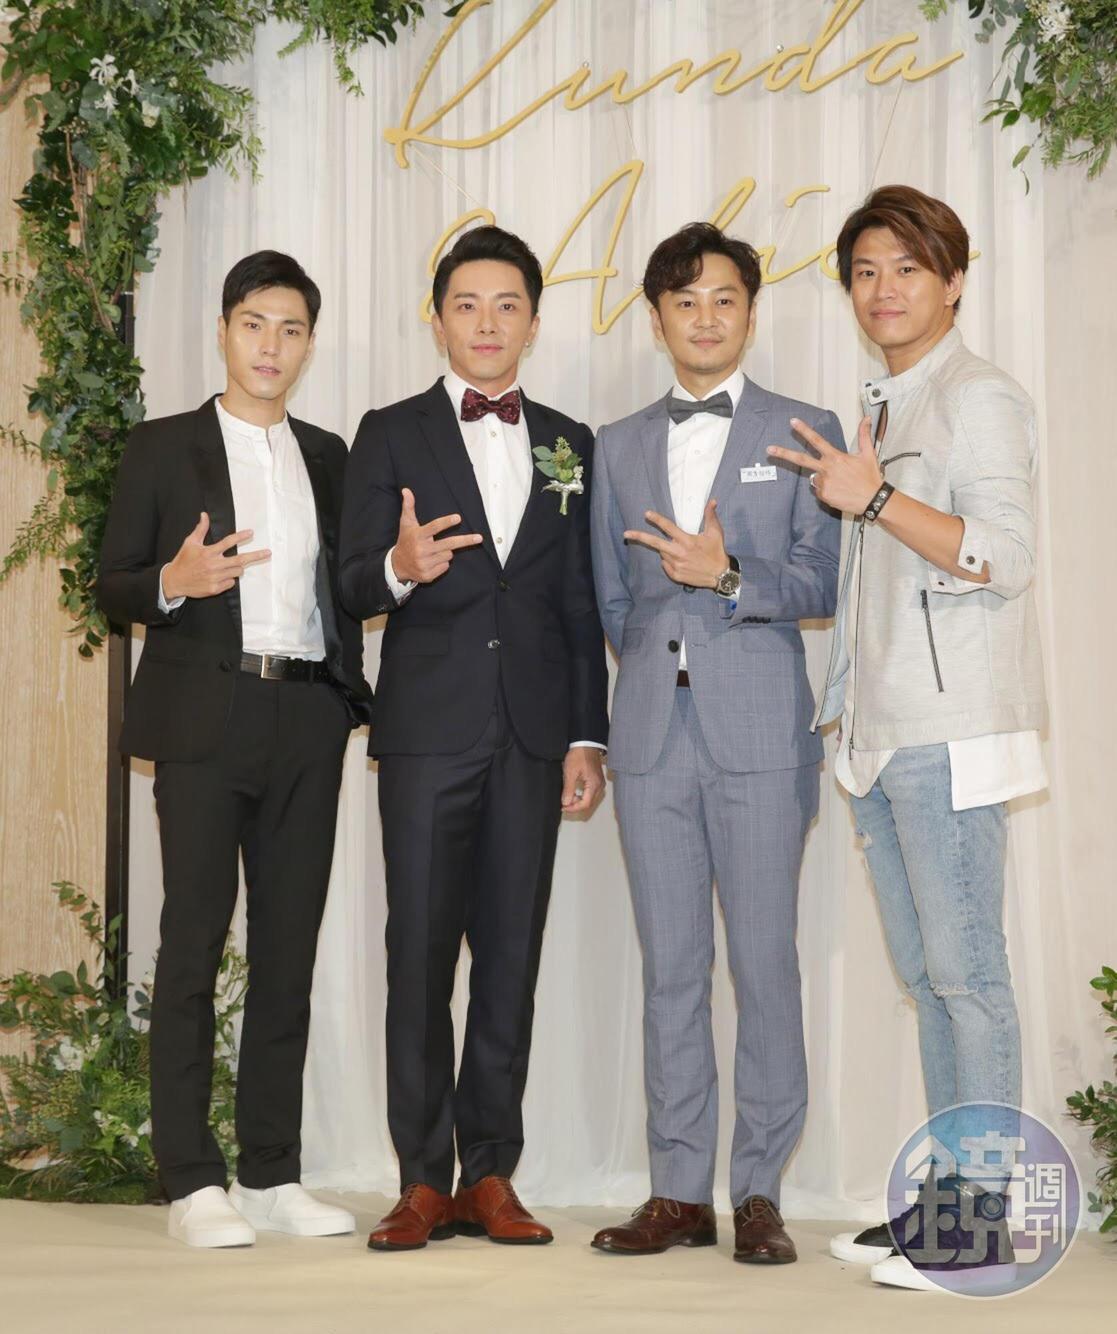 前偶像男團Energy在謝坤達與柯佳嬿的婚禮「微合體」,包括阿弟蕭景鴻(右起)、張書偉、坤達跟唐振剛現身引起現場驚呼。